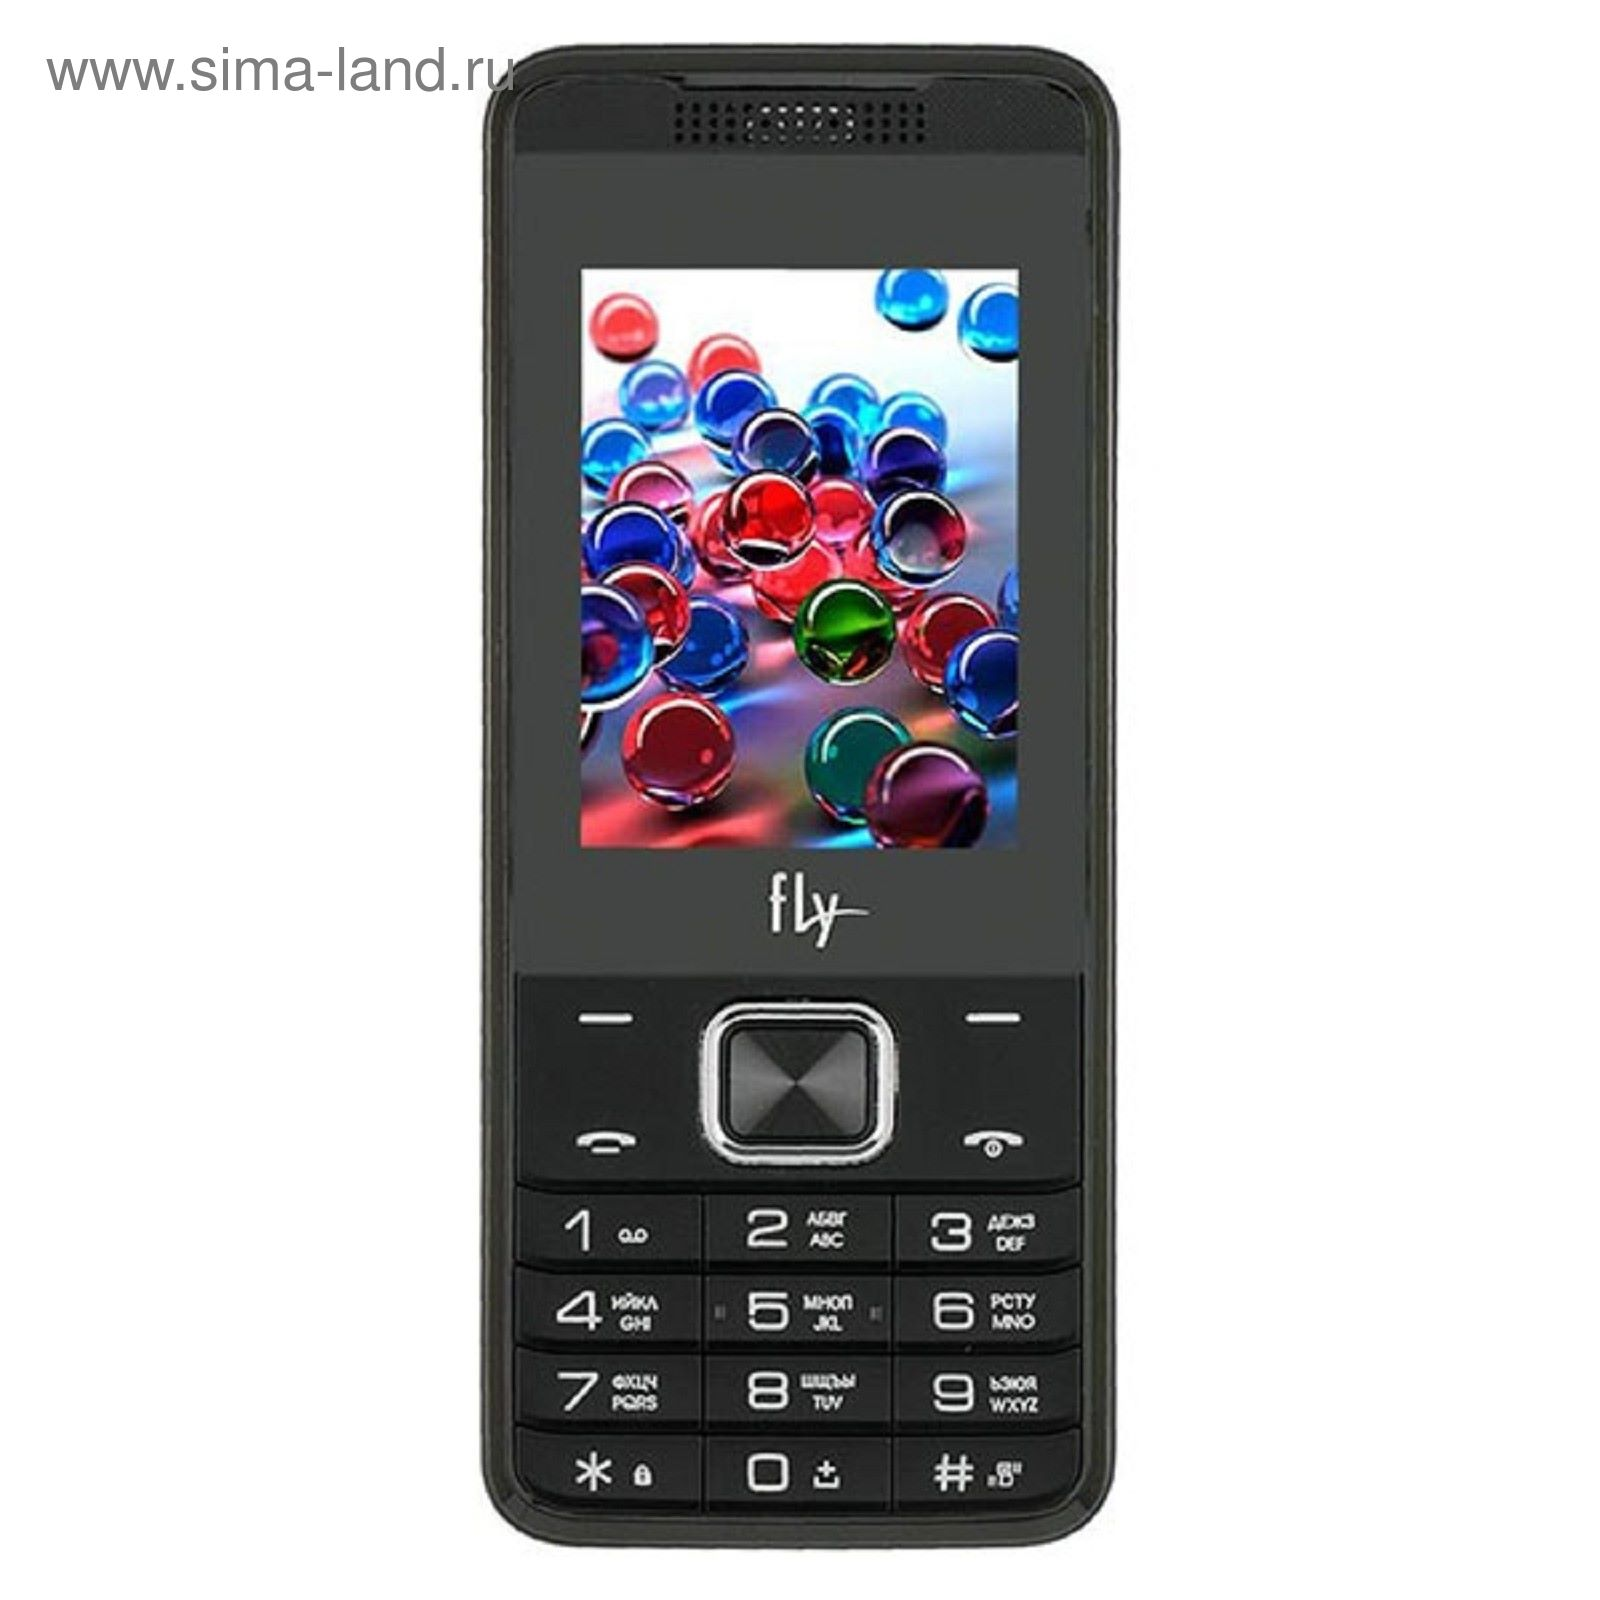 b73fef65c2cef Сотовый телефон Fly FF245 темный серый (73504) - Купить по цене от ...